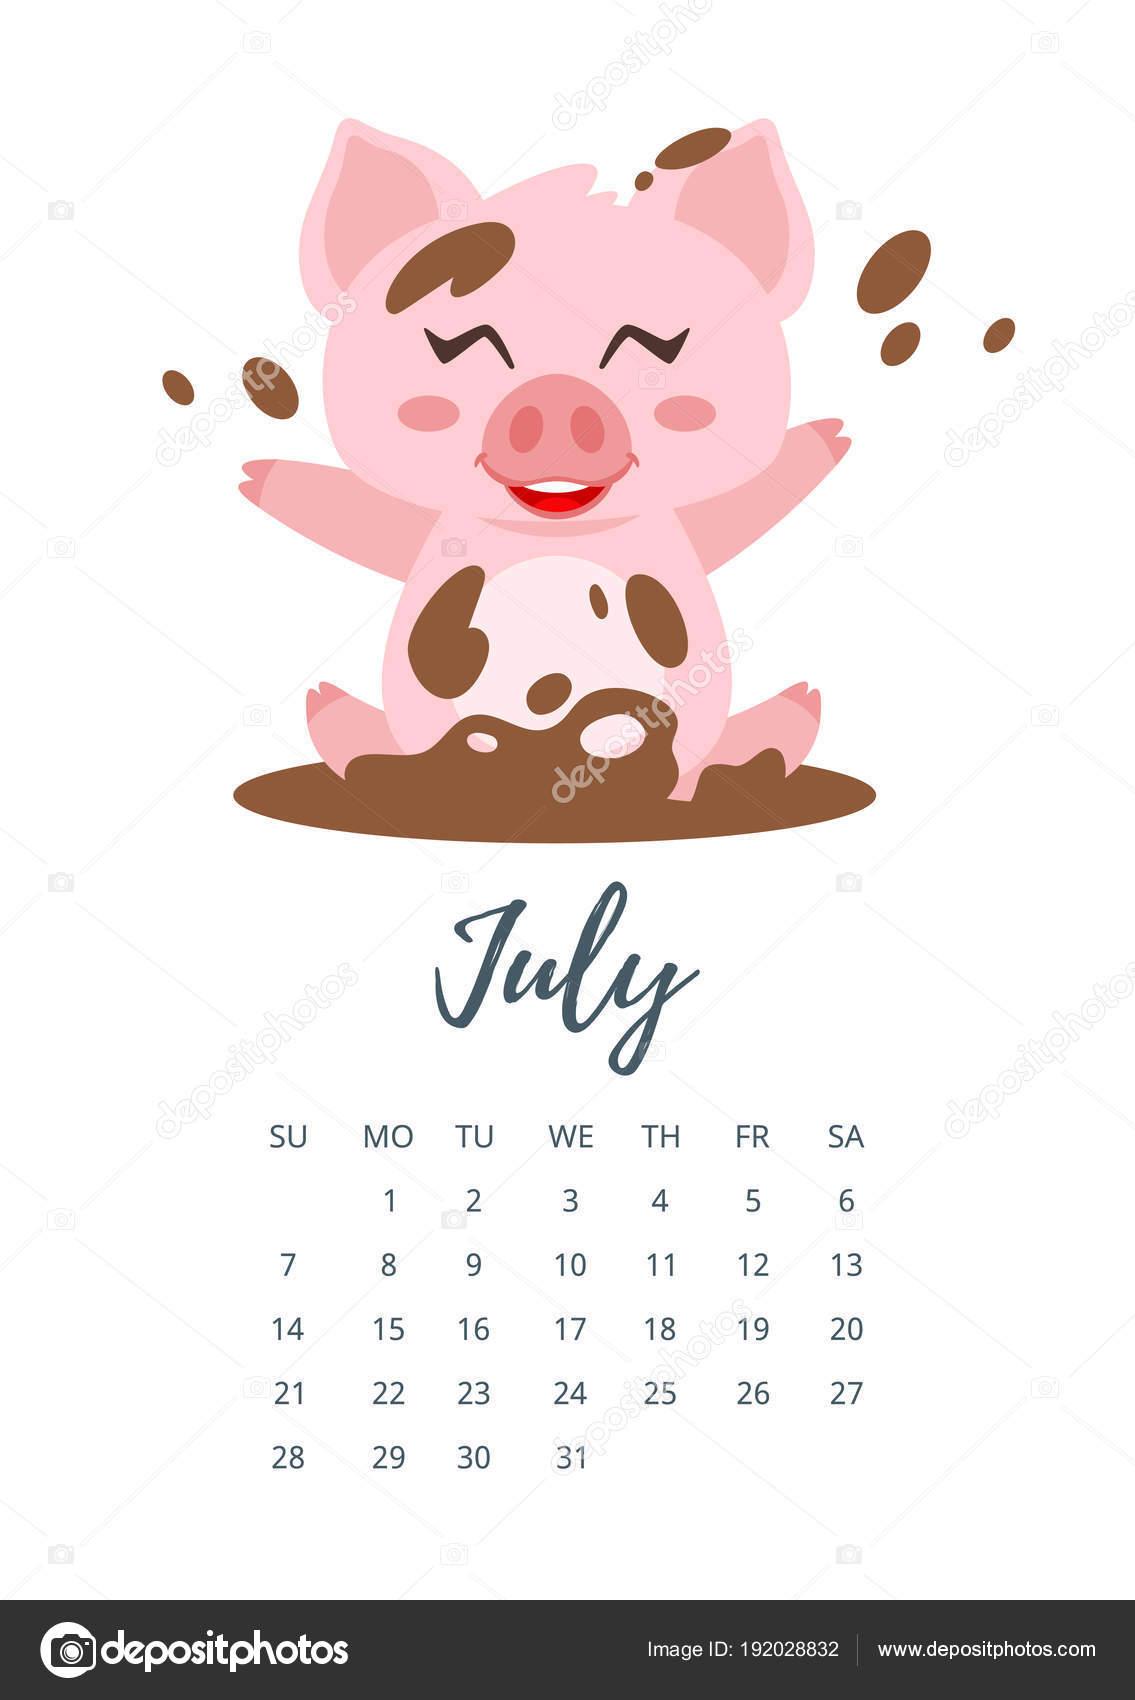 naptár 2019 július Július 2019 évi naptár lapja — Stock Vektor © tkronalter9.gmail  naptár 2019 július